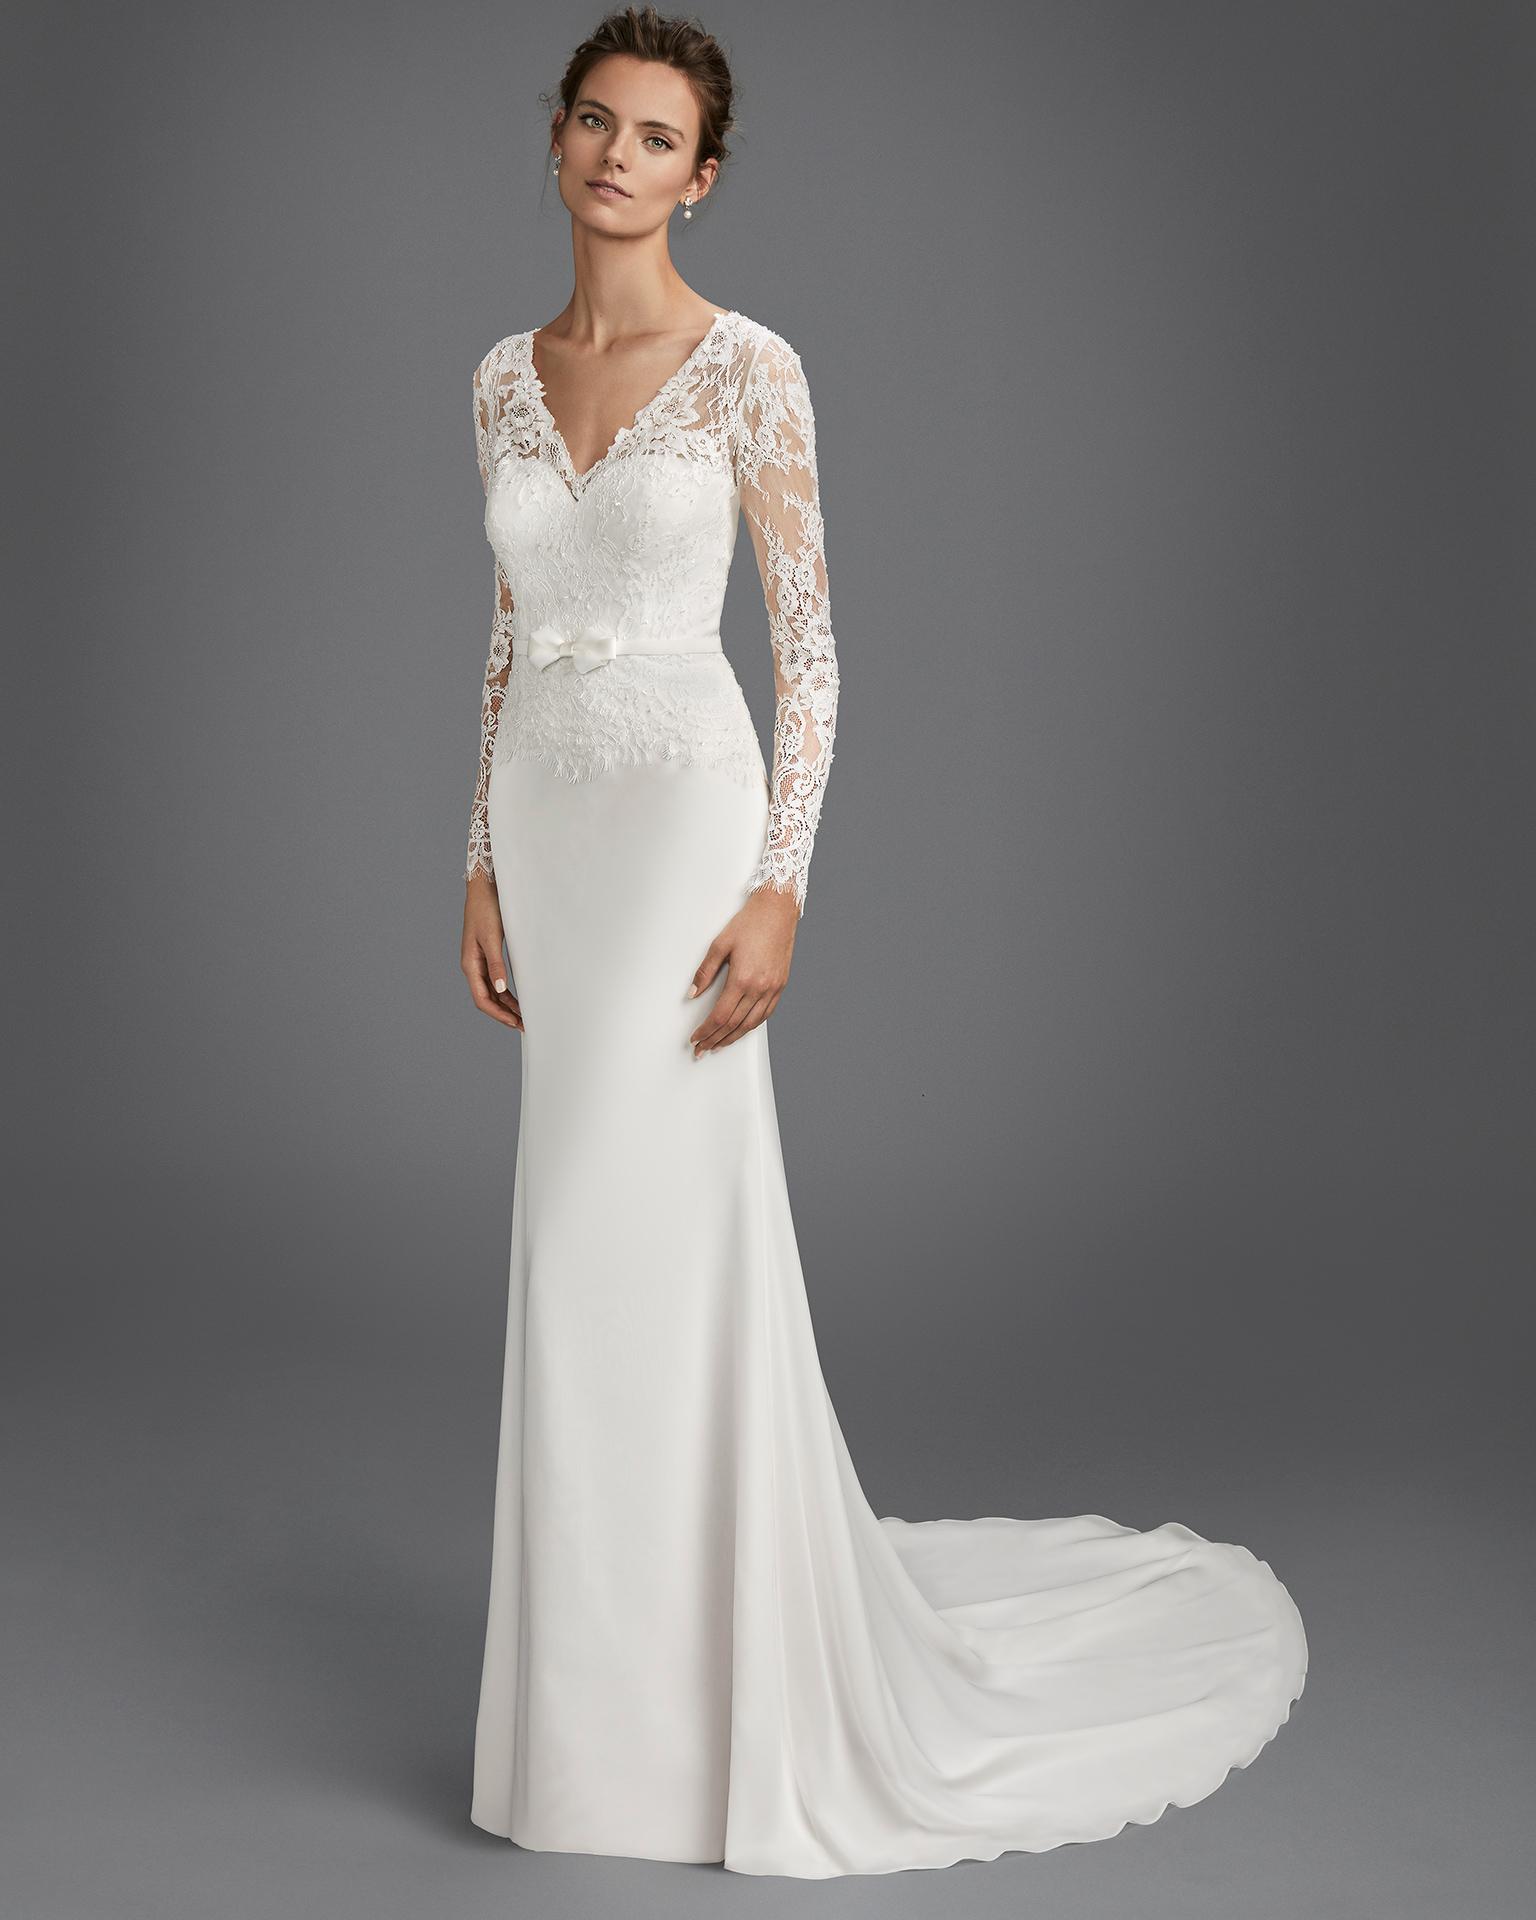 Vestido de novia corte sirena en gasa, encaje y pedreria,con manga larga y espalda V.